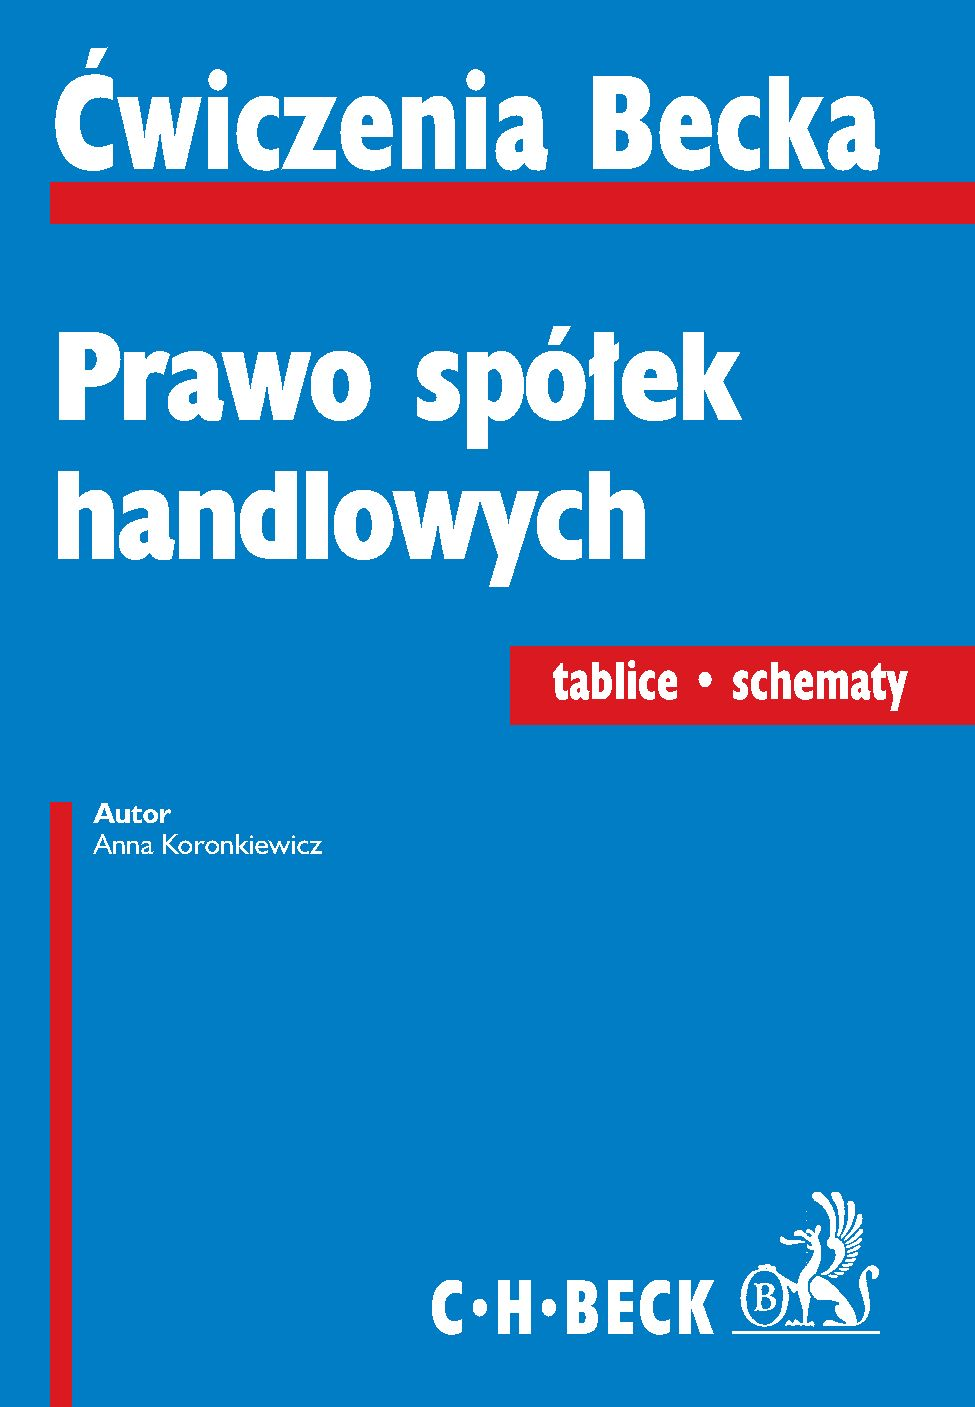 Prawo spółek handlowych. Tablice. Schematy - Ebook (Książka PDF) do pobrania w formacie PDF